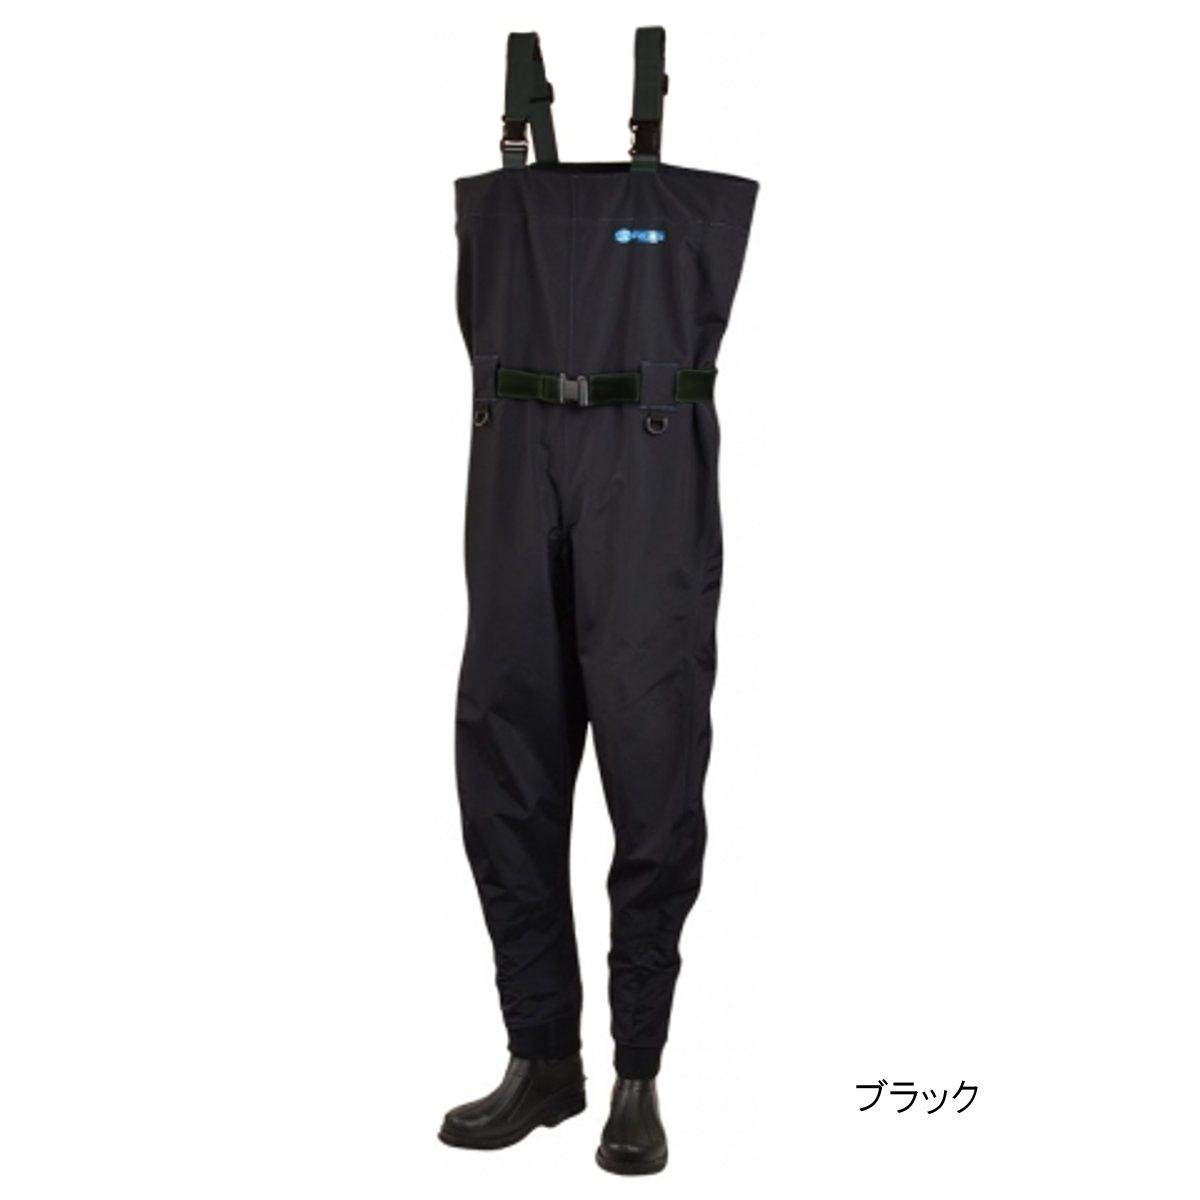 双進 RBB 3Dタイドウォーカー 8873 L ブラック(東日本店)